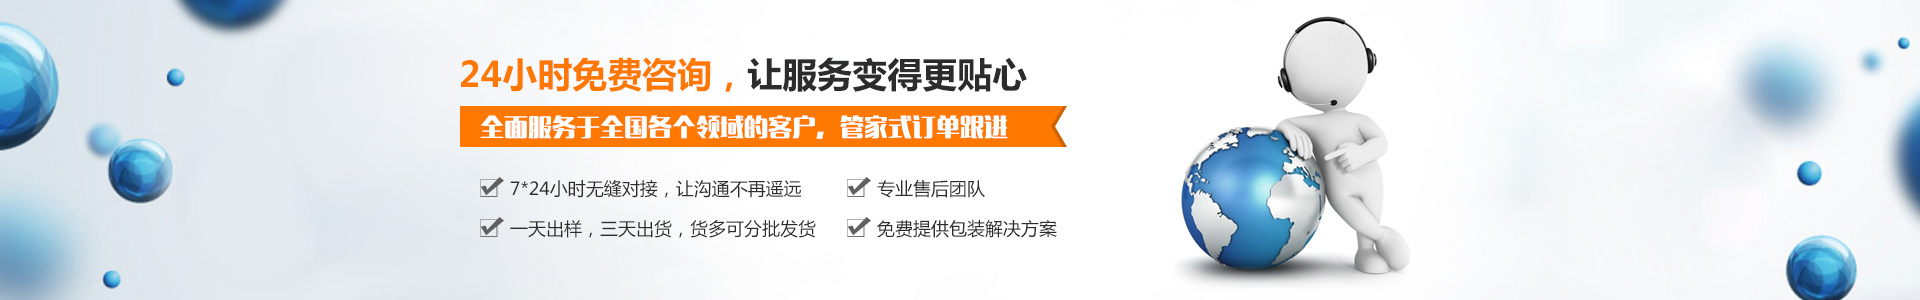 东莞市晟万电子有限公司